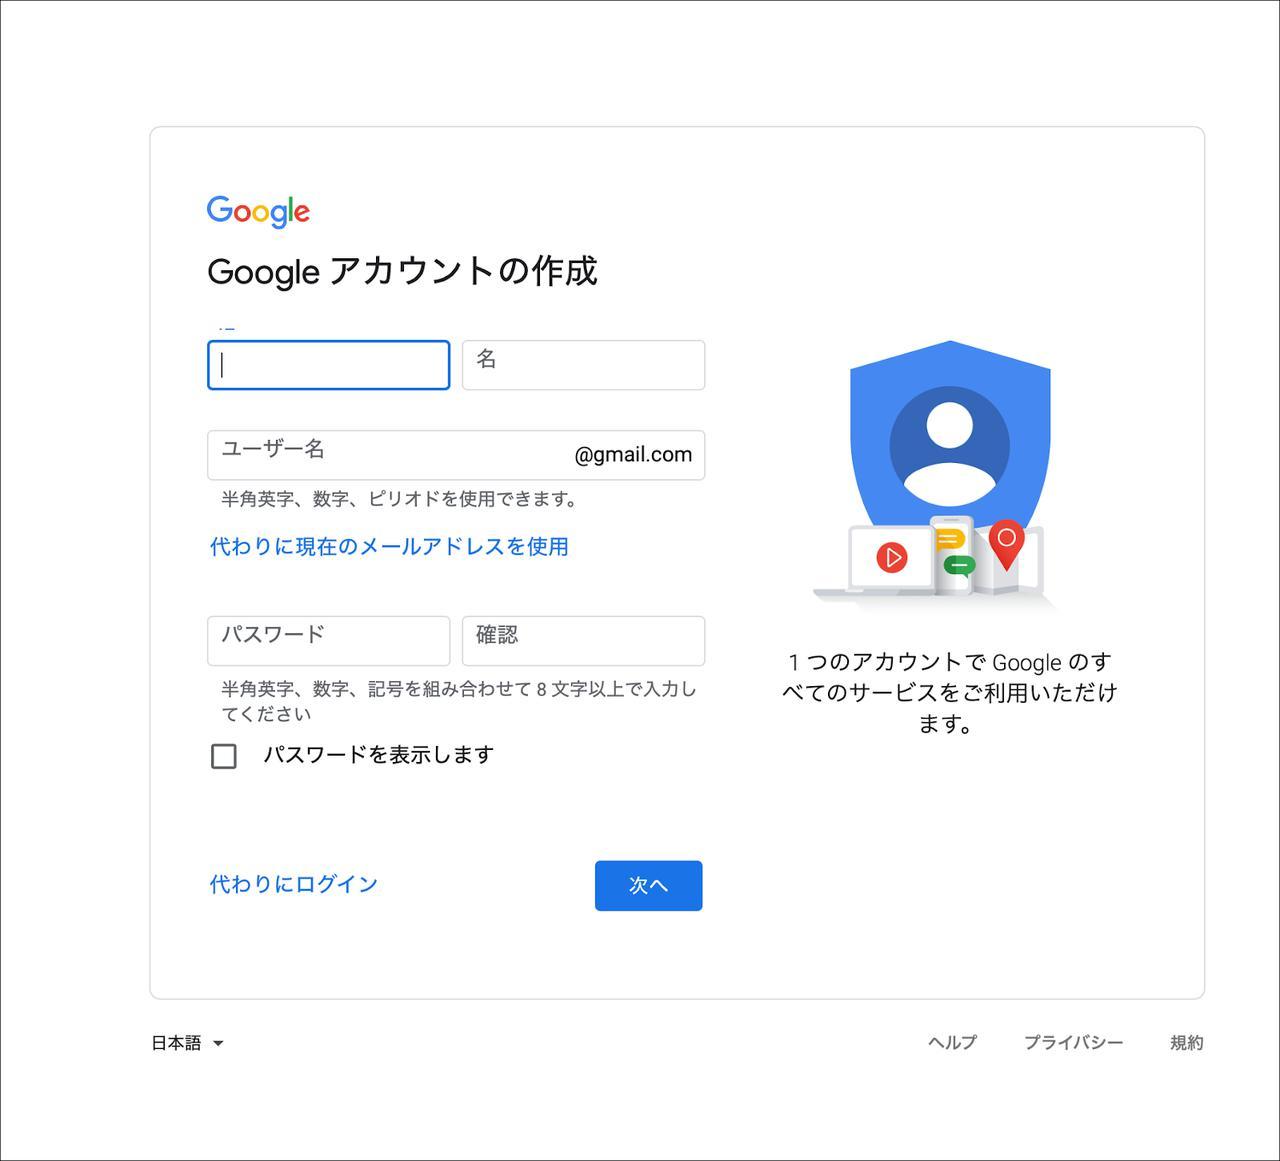 画像: ユーザー名もそのままGmailアドレスに使用されます